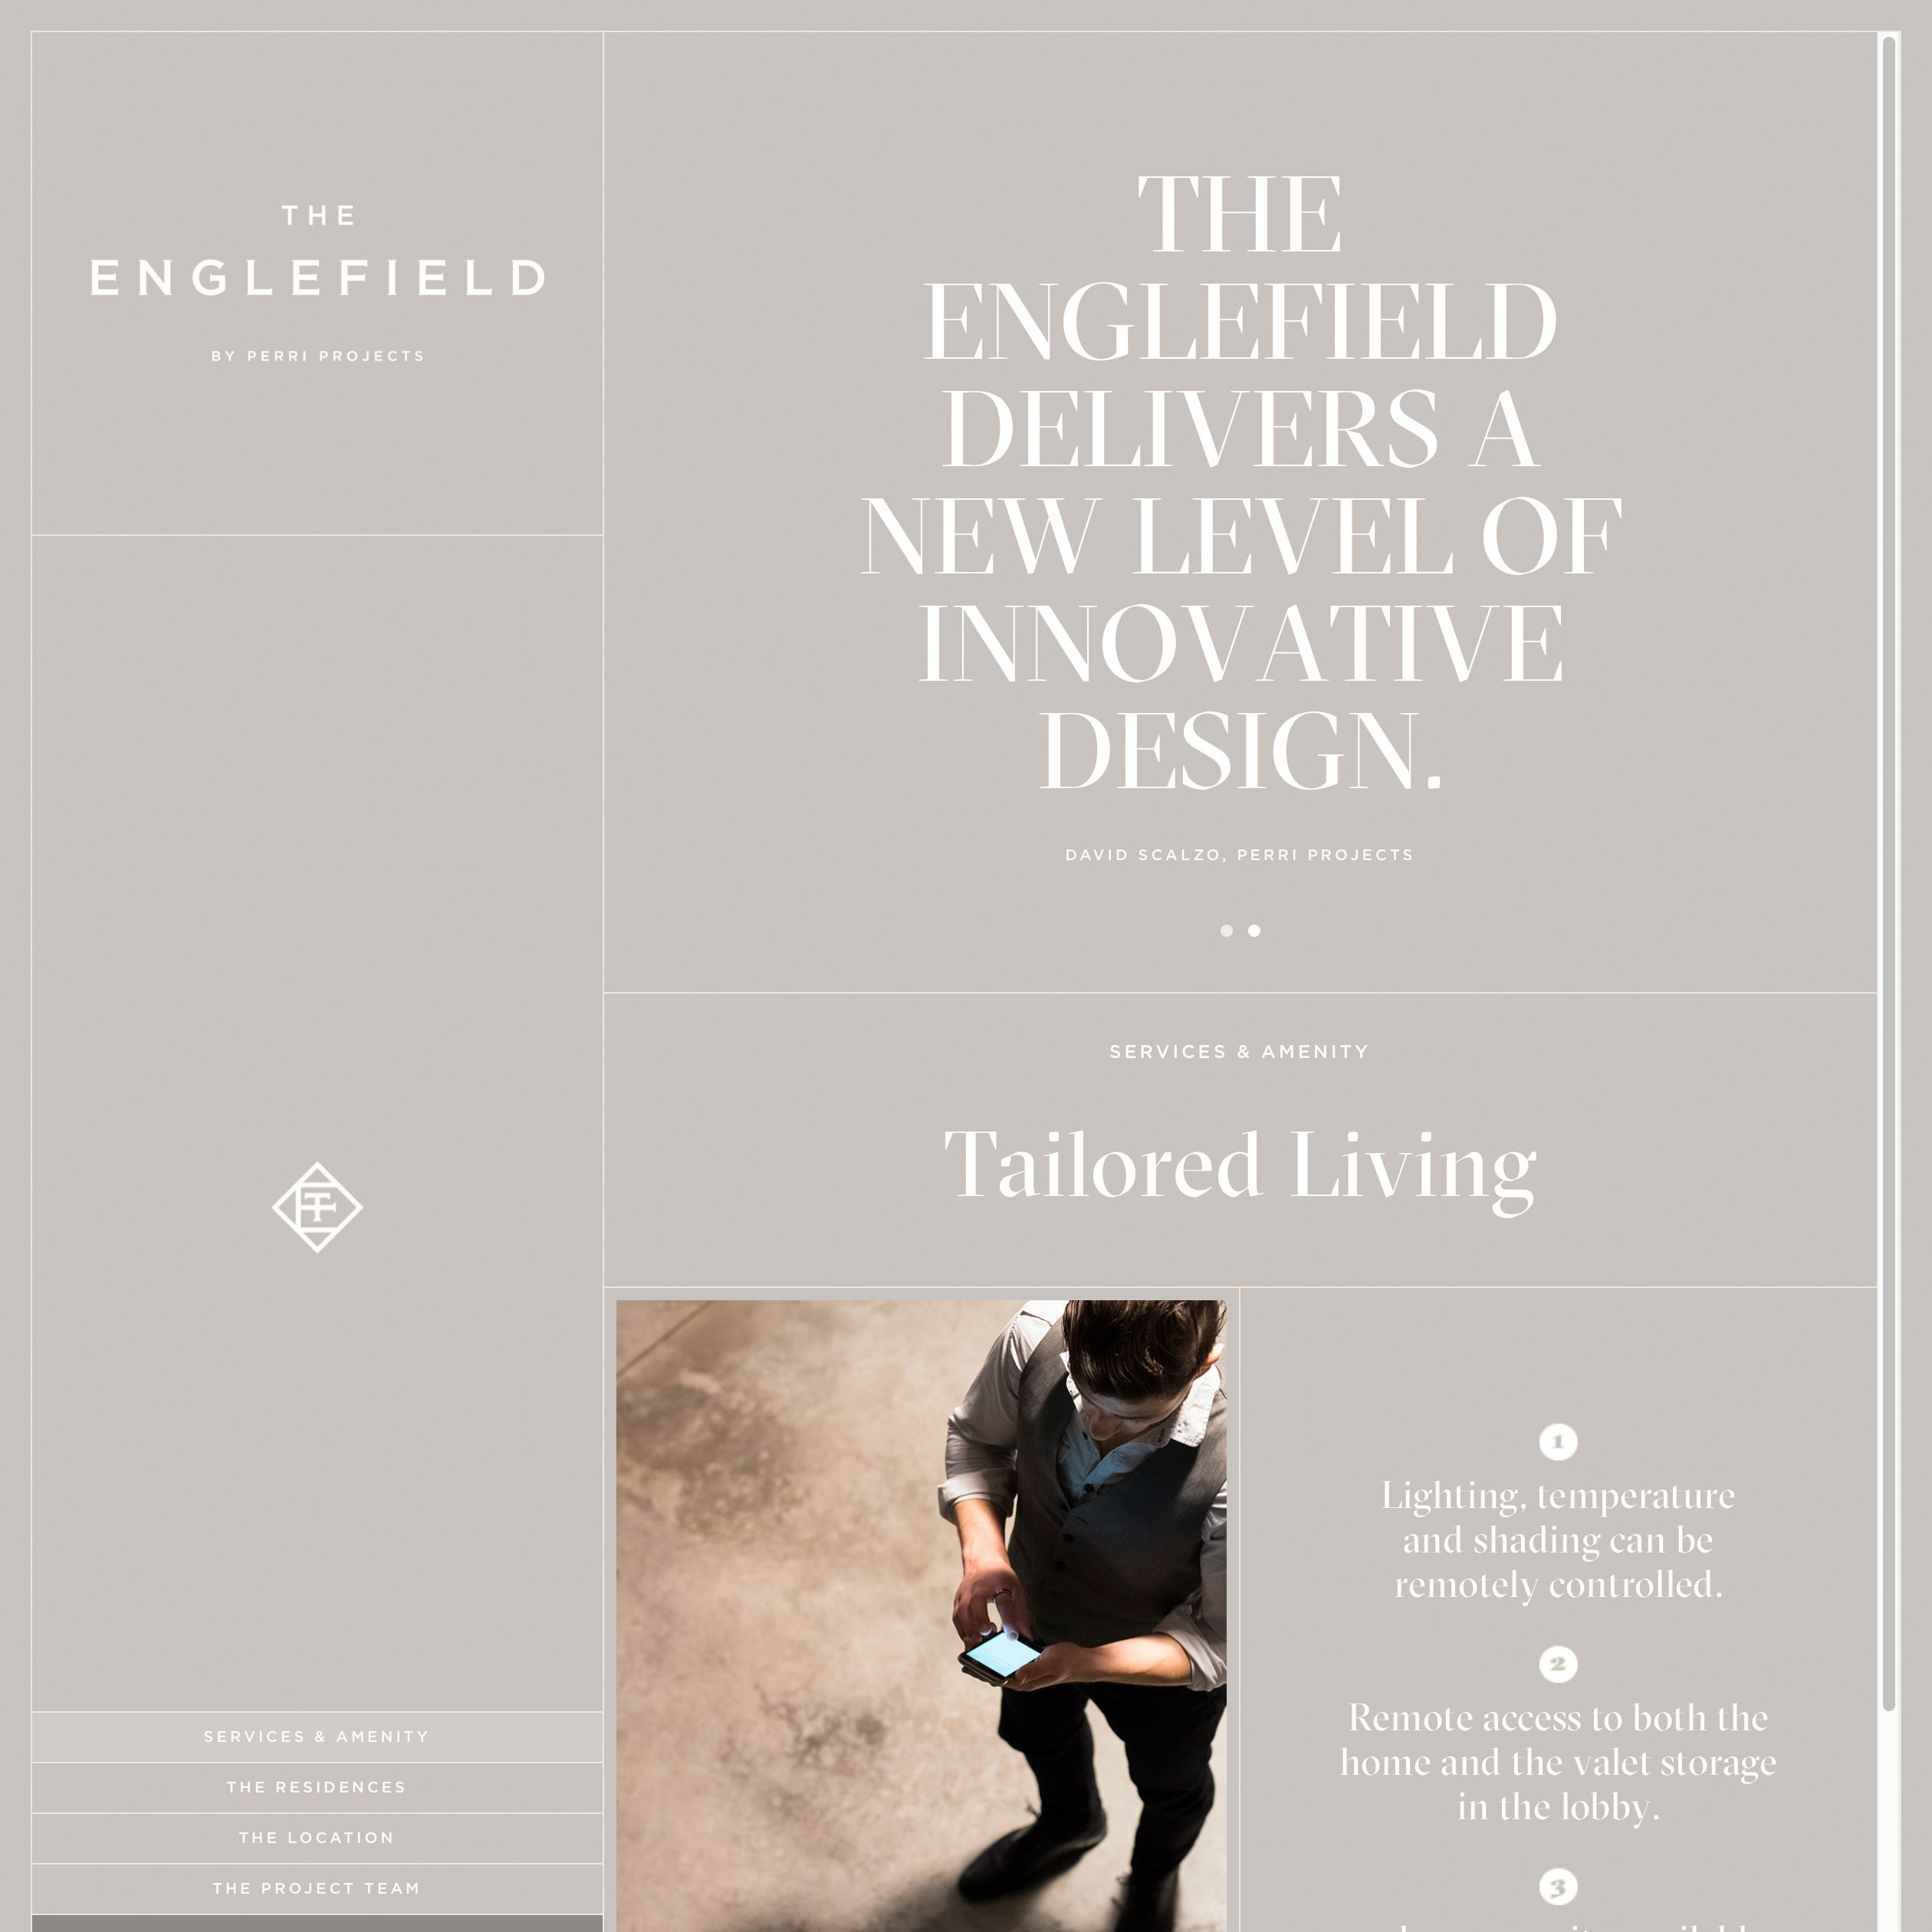 The Englefield Website - sleek, sophisticated, modern